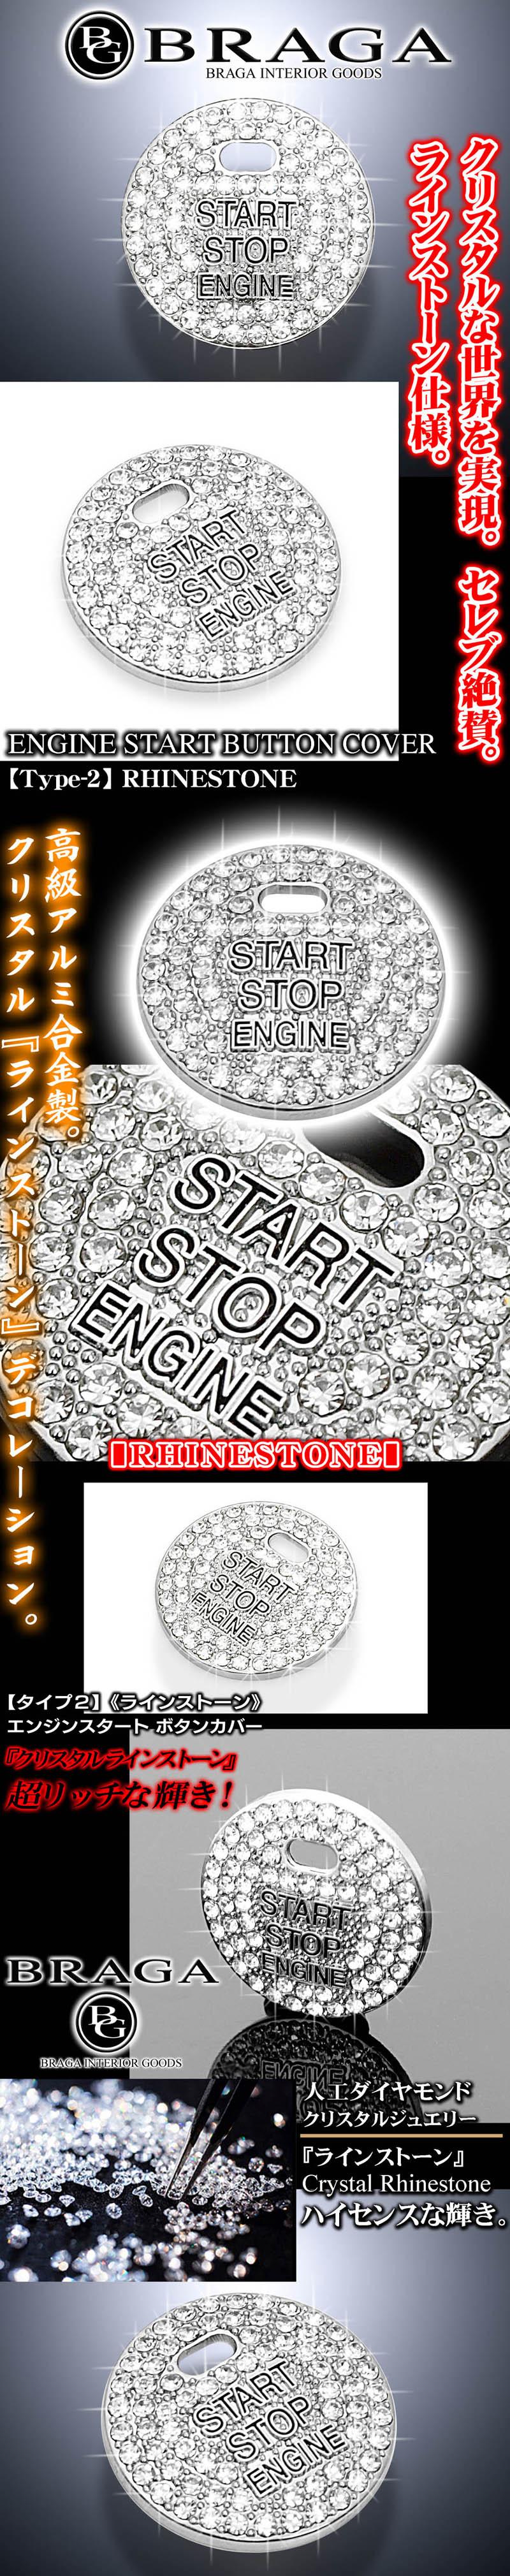 【タイプ2】ラインストーン エンジン スタート ボタンカバー[両面テープ止め]クリスタル スワロフスキー アルミ合金製/ブラガ